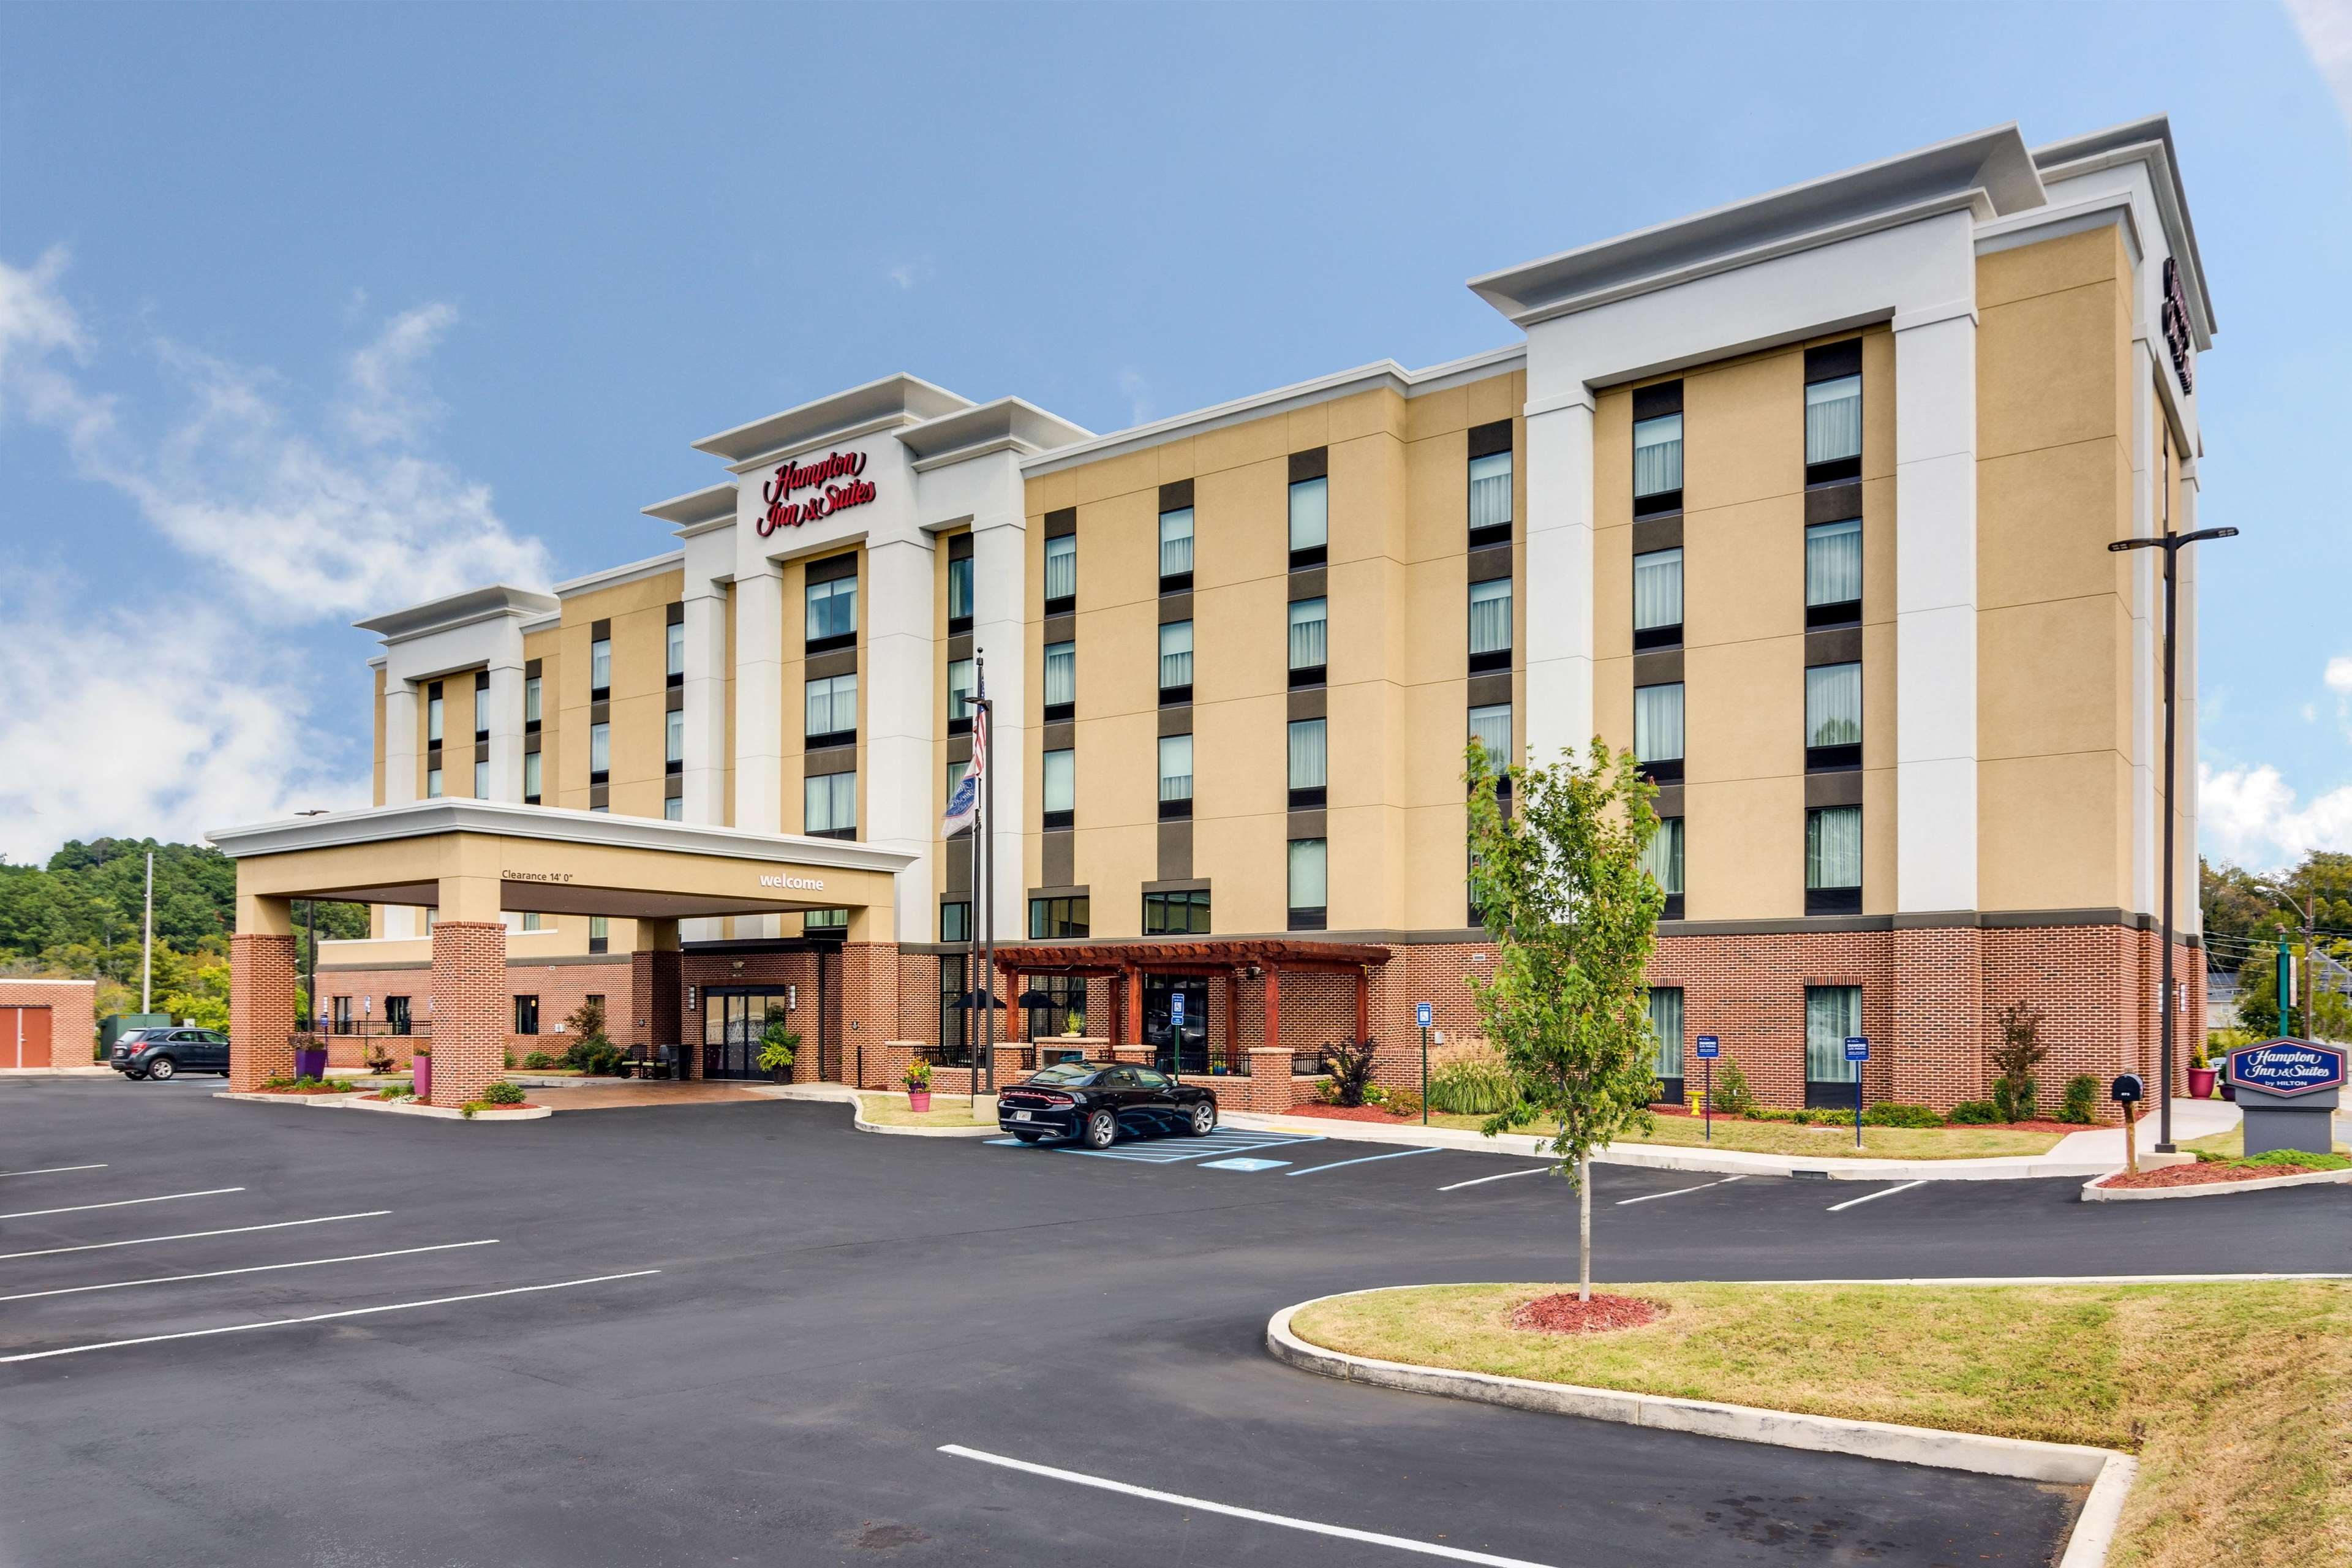 Hotels In Rome Ga